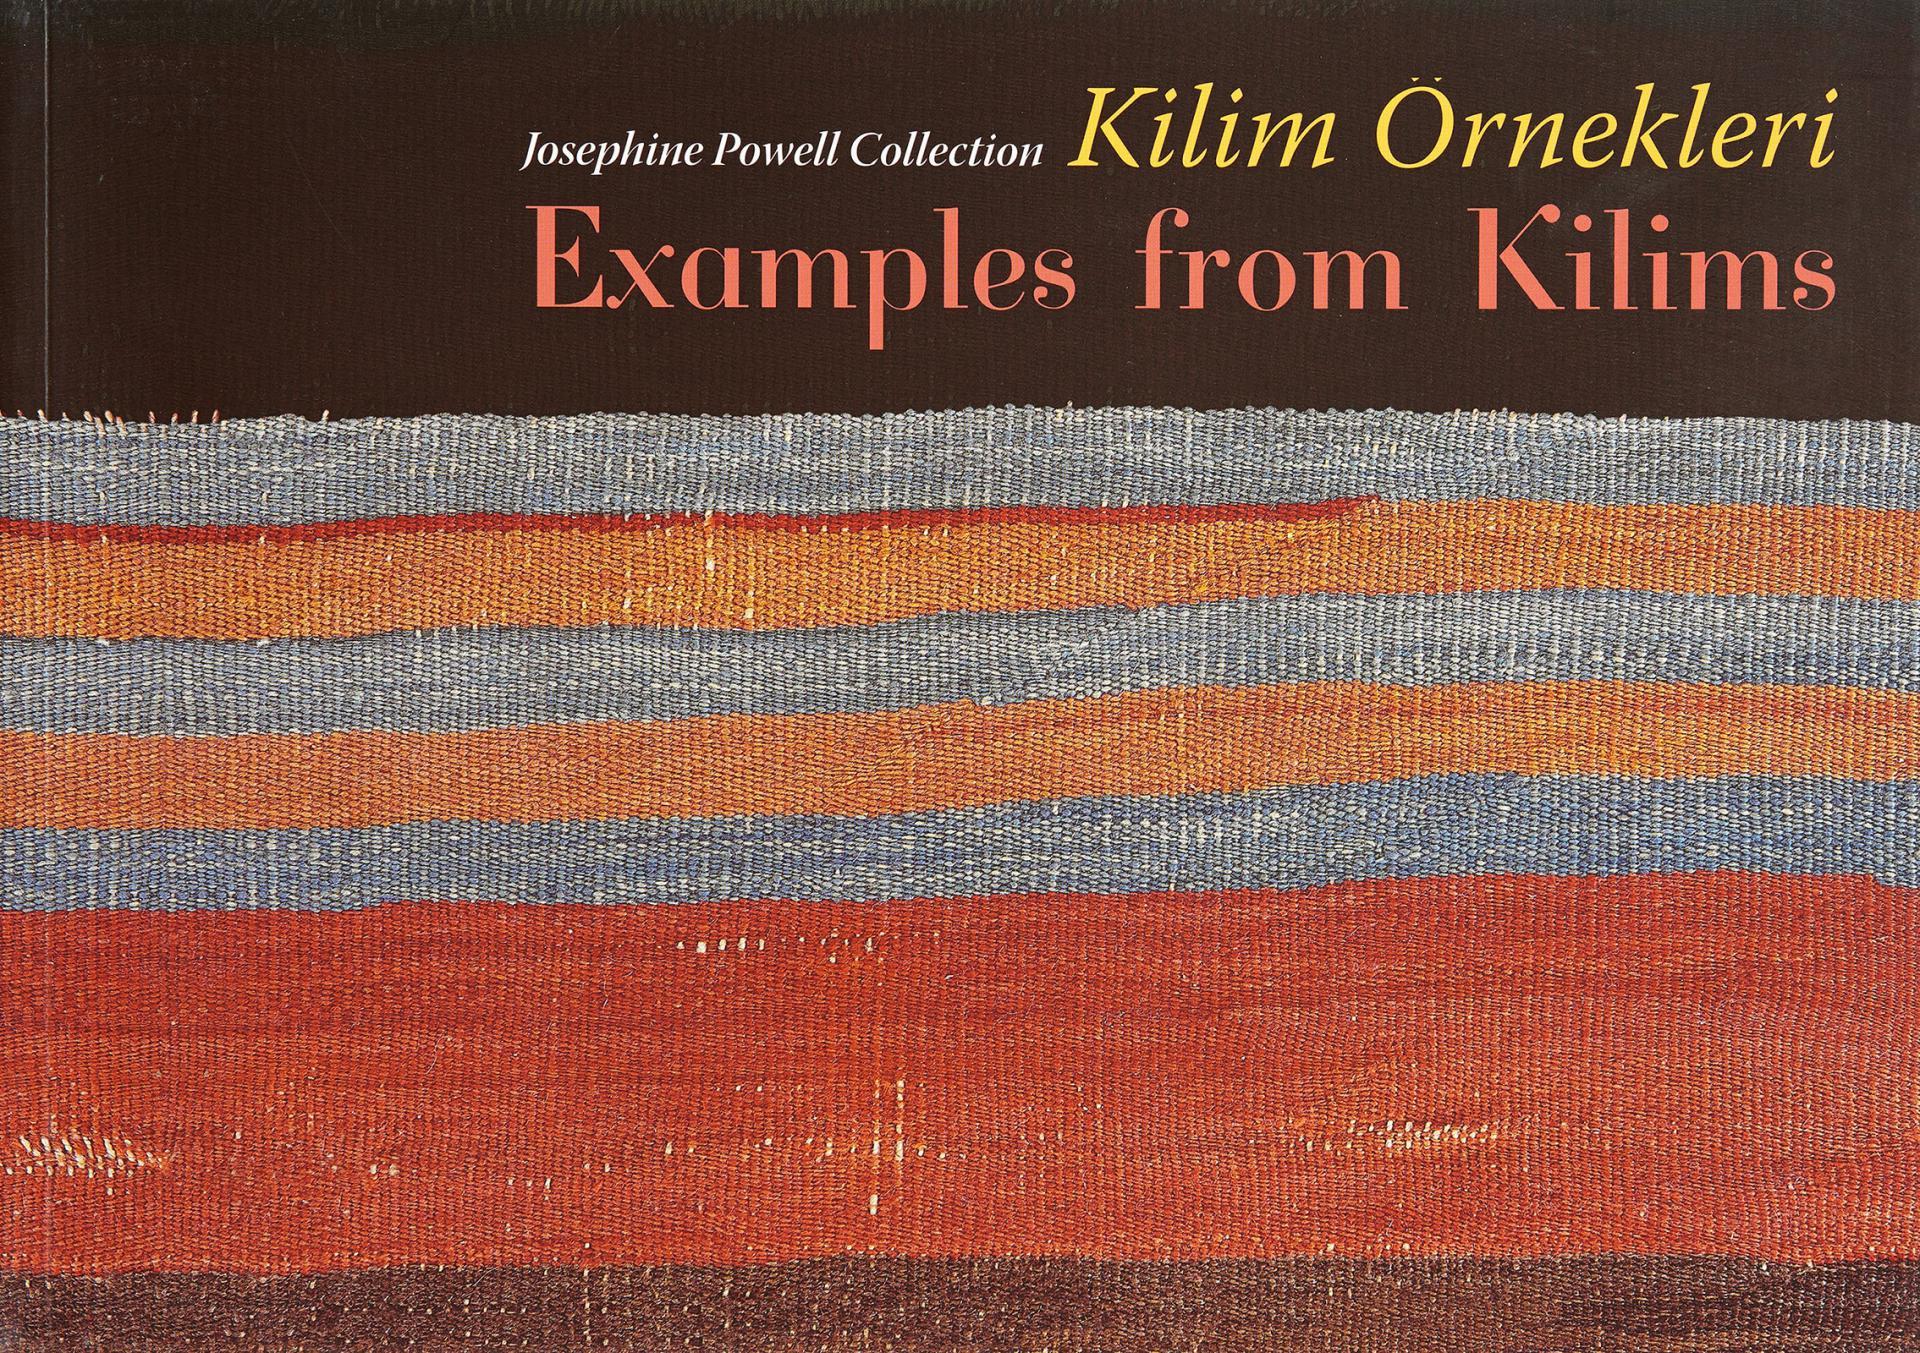 Examples from Kilim - Josephine Powell Collection - BOOKS - Sadberk Hanım Museum